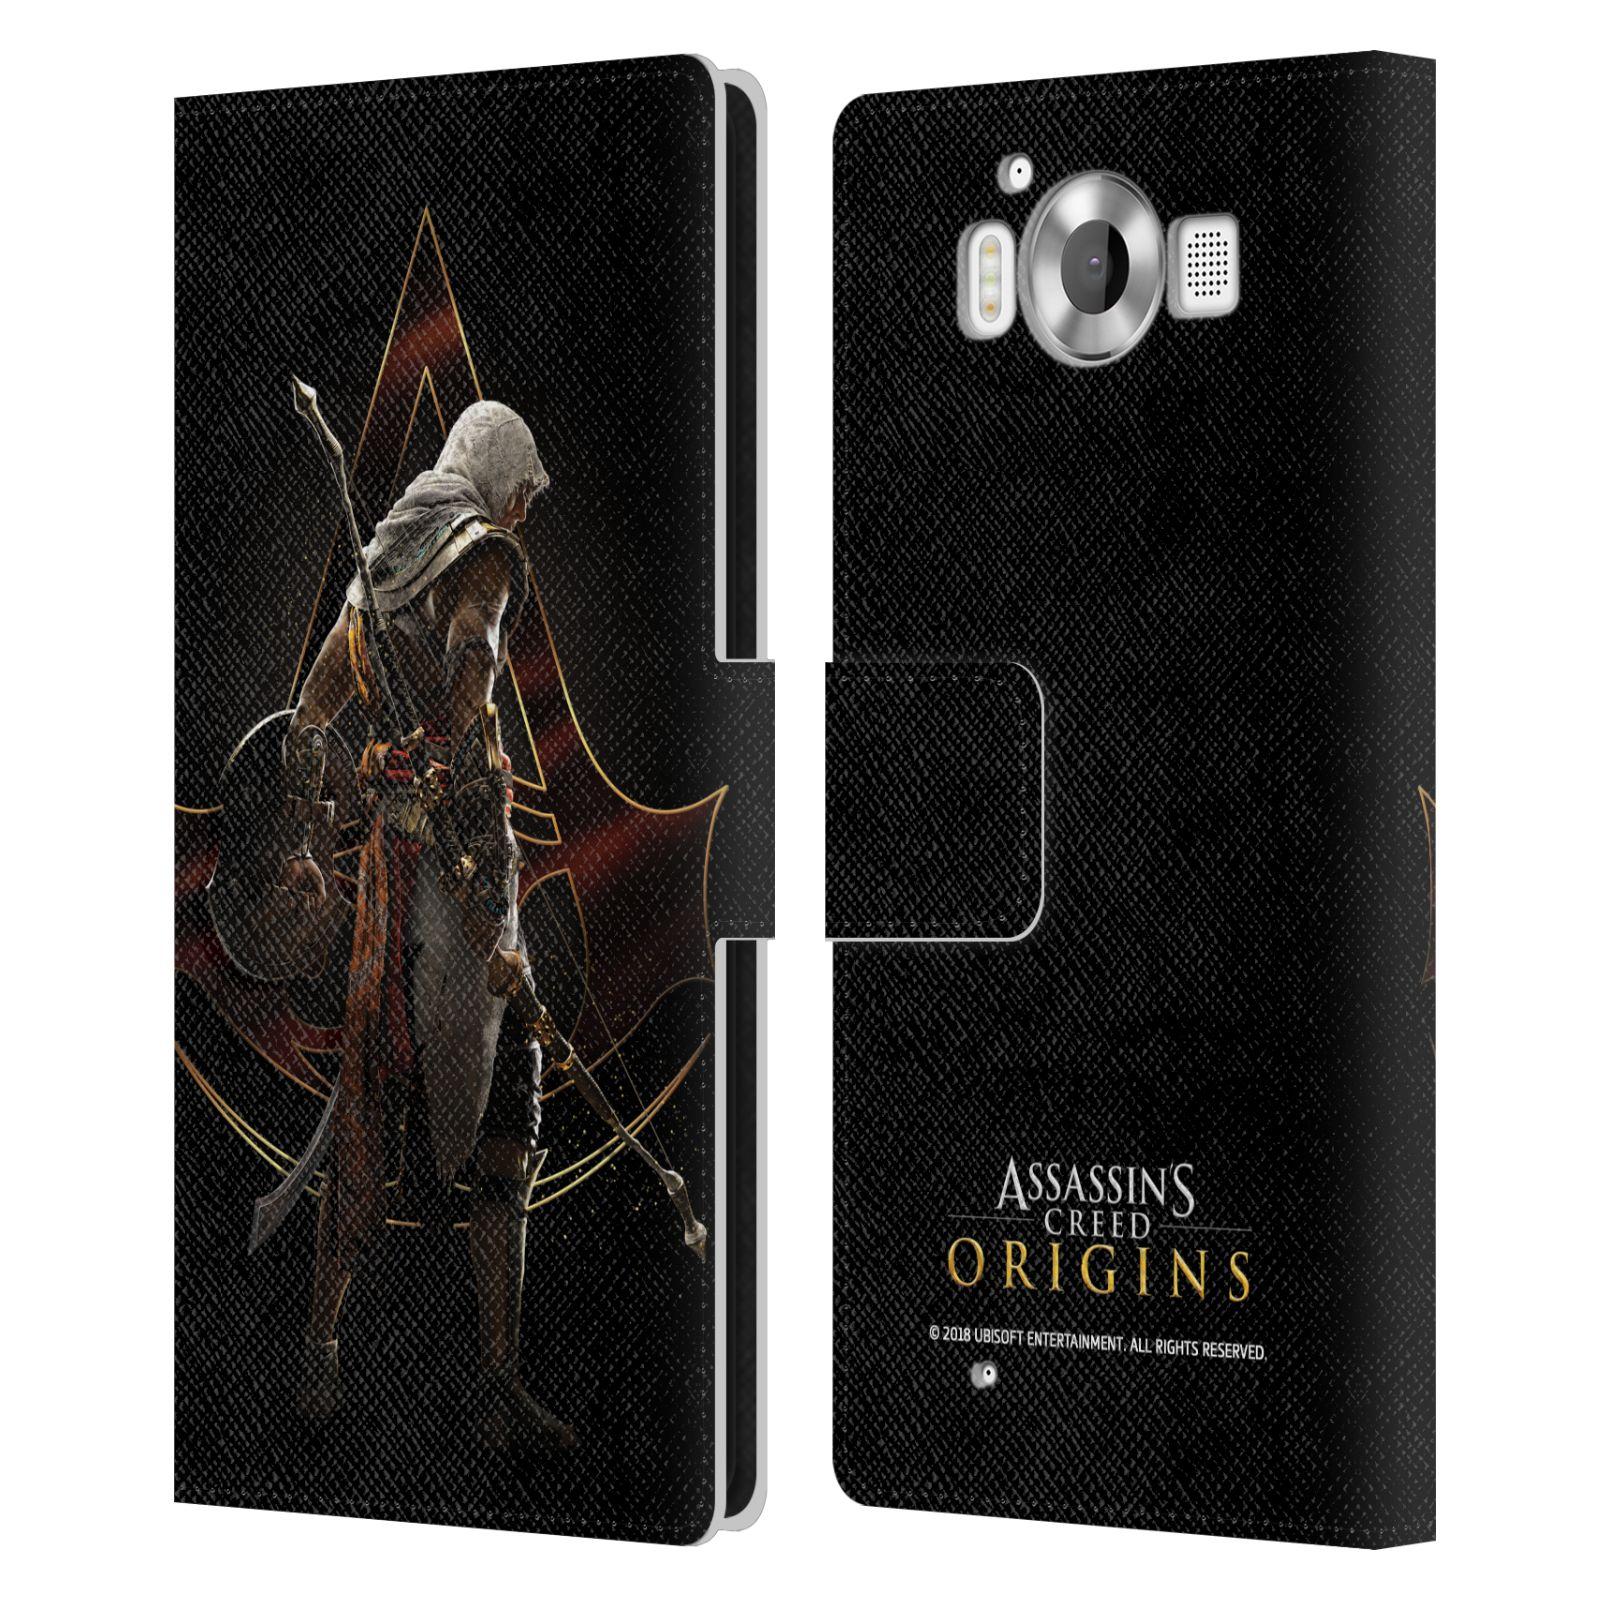 Pouzdro na mobil Nokia Lumia 950 - Head Case - Assasins Creed Bayek zadní pohled černé pozadí